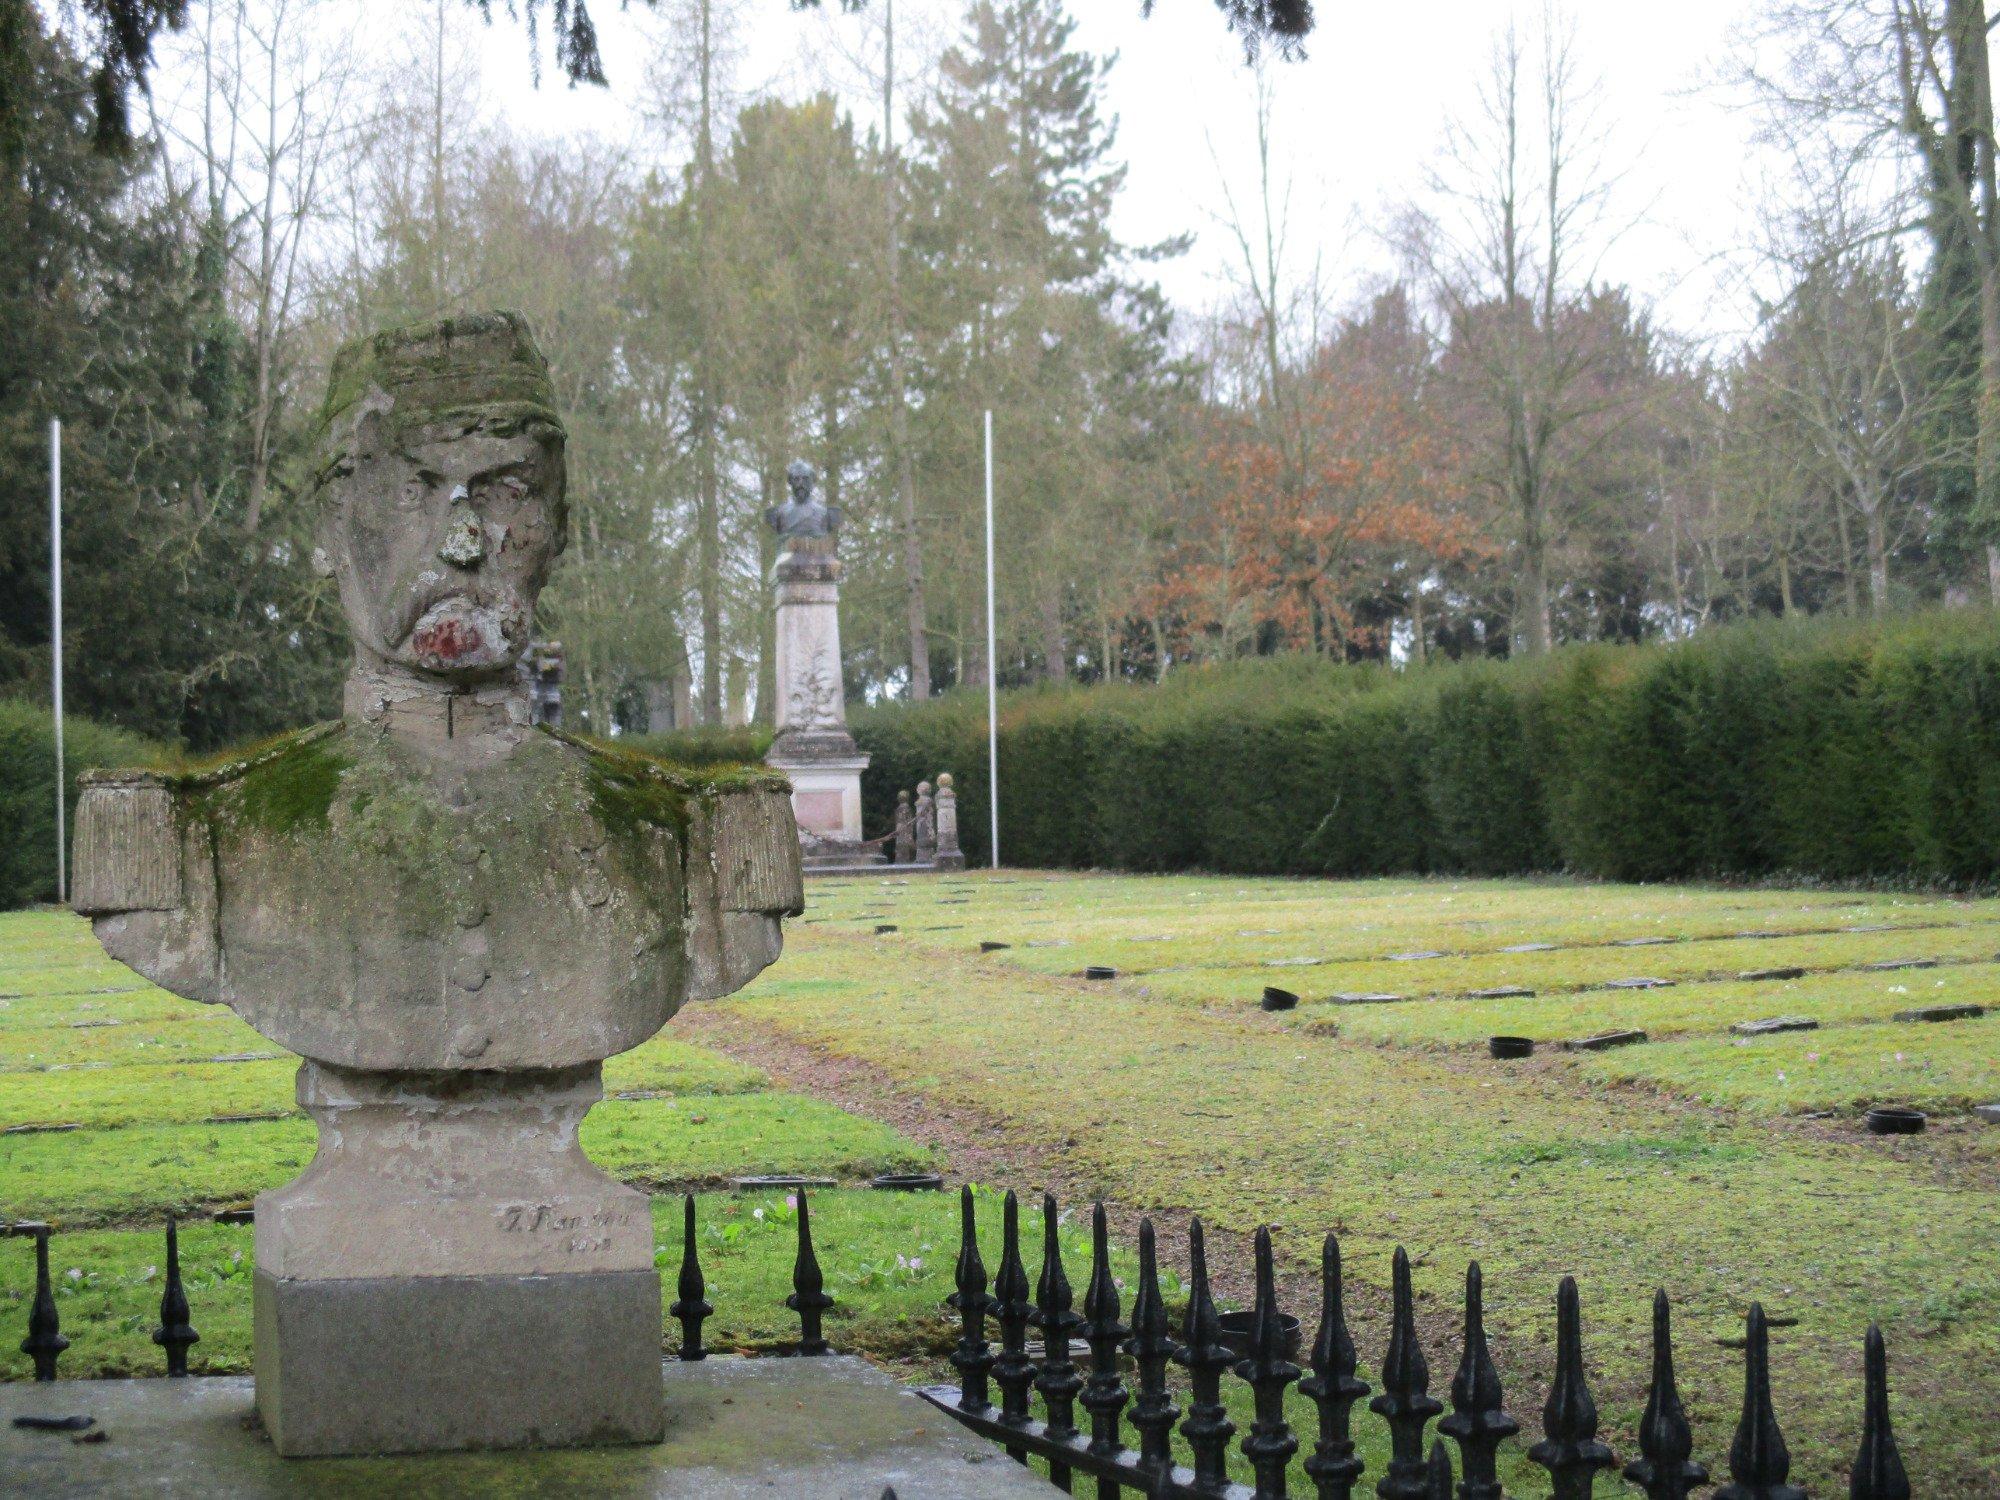 un payaso en el cementerio Cimetiere-de-la-madeleine